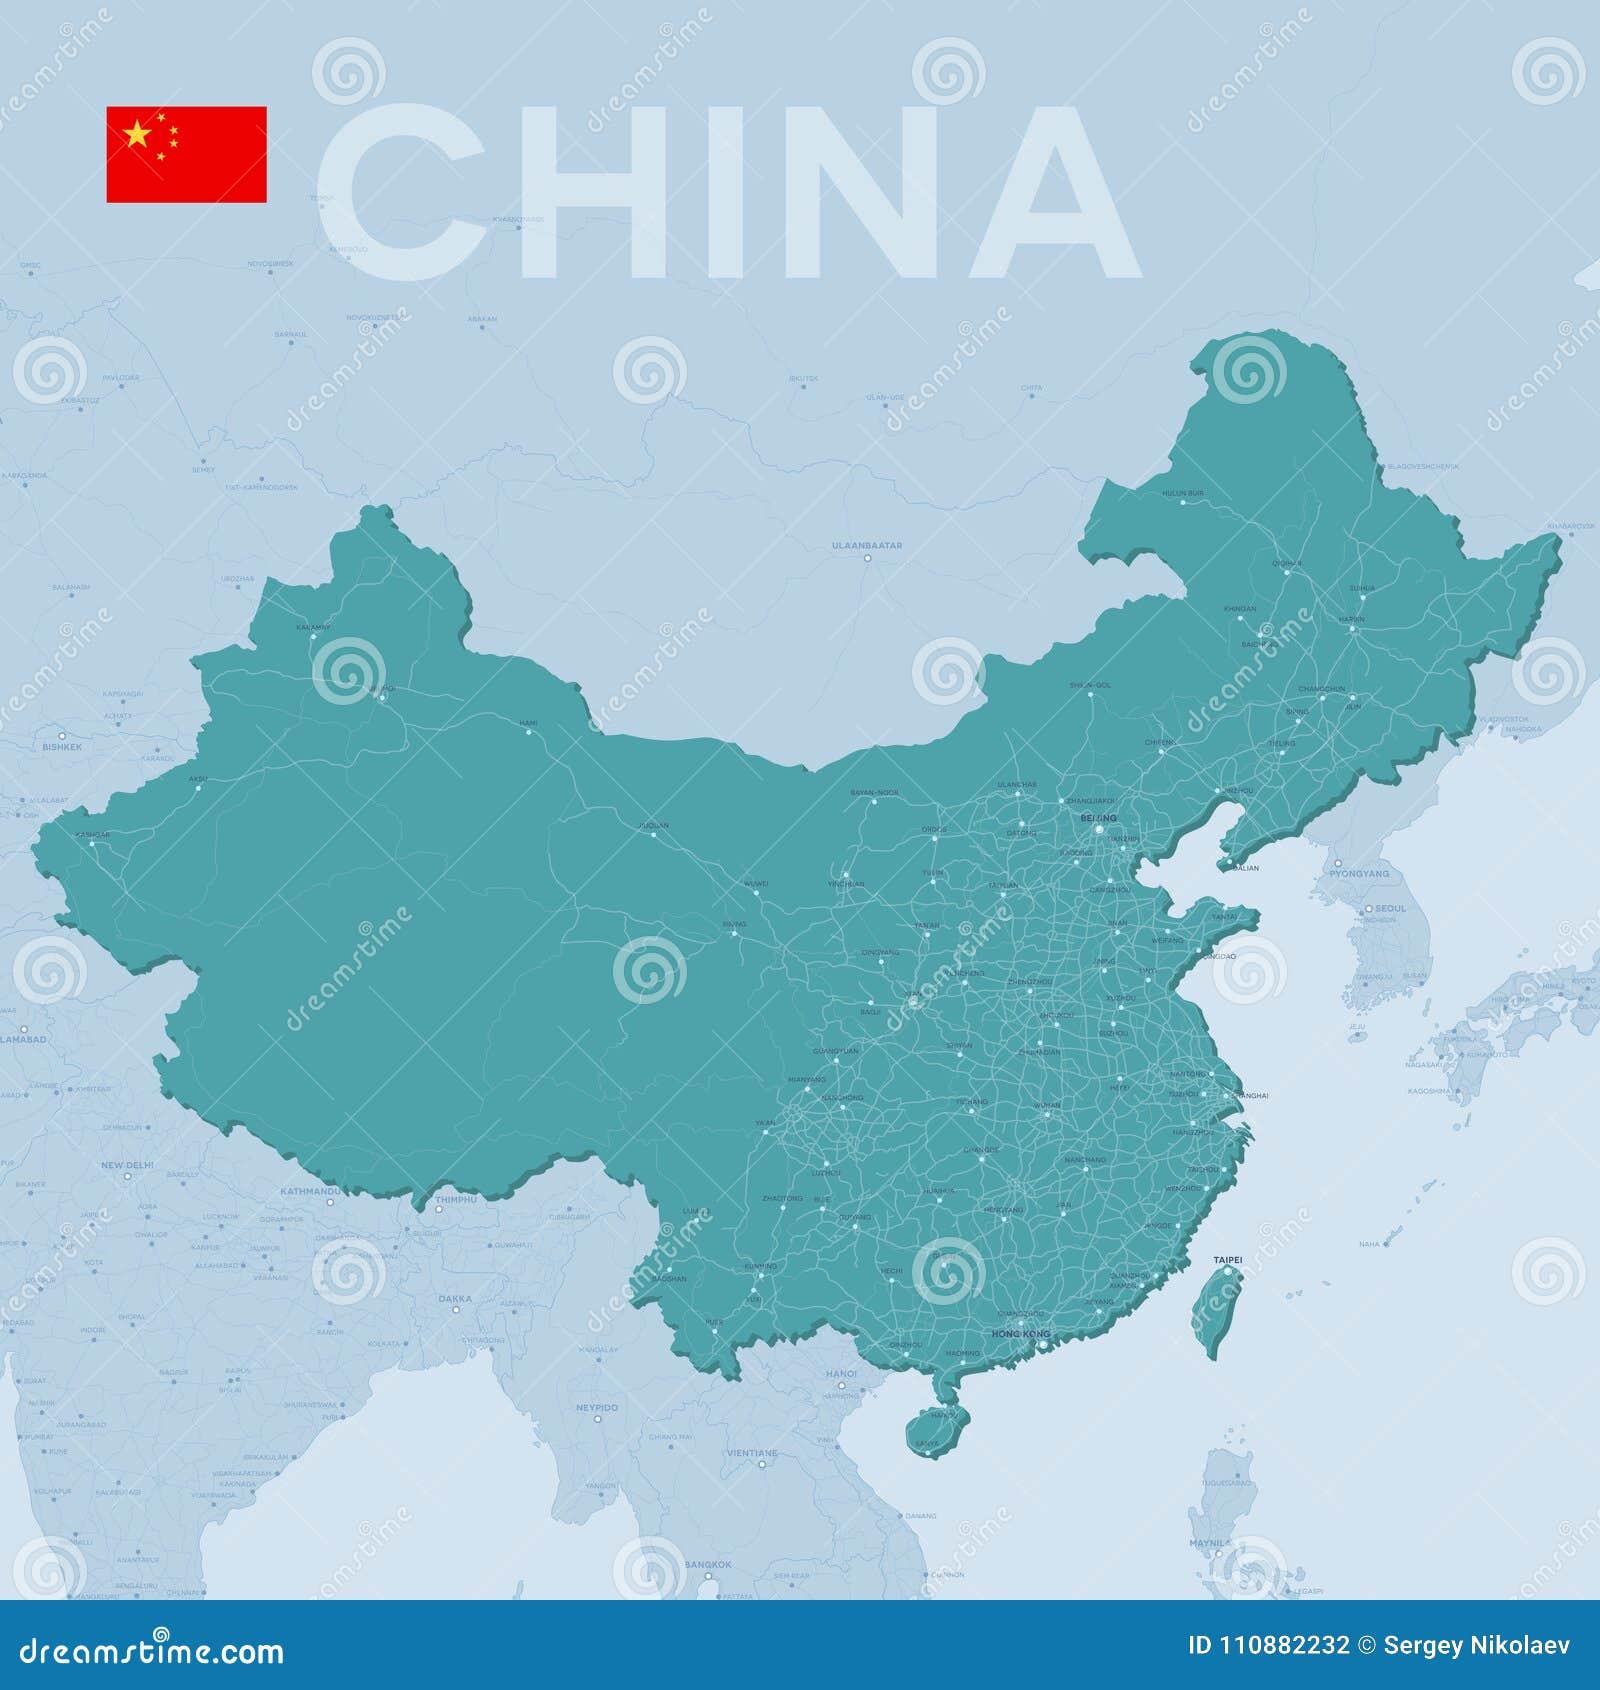 Ciudades De China Mapa.Mapa De Verctor De Ciudades Y De Caminos En China